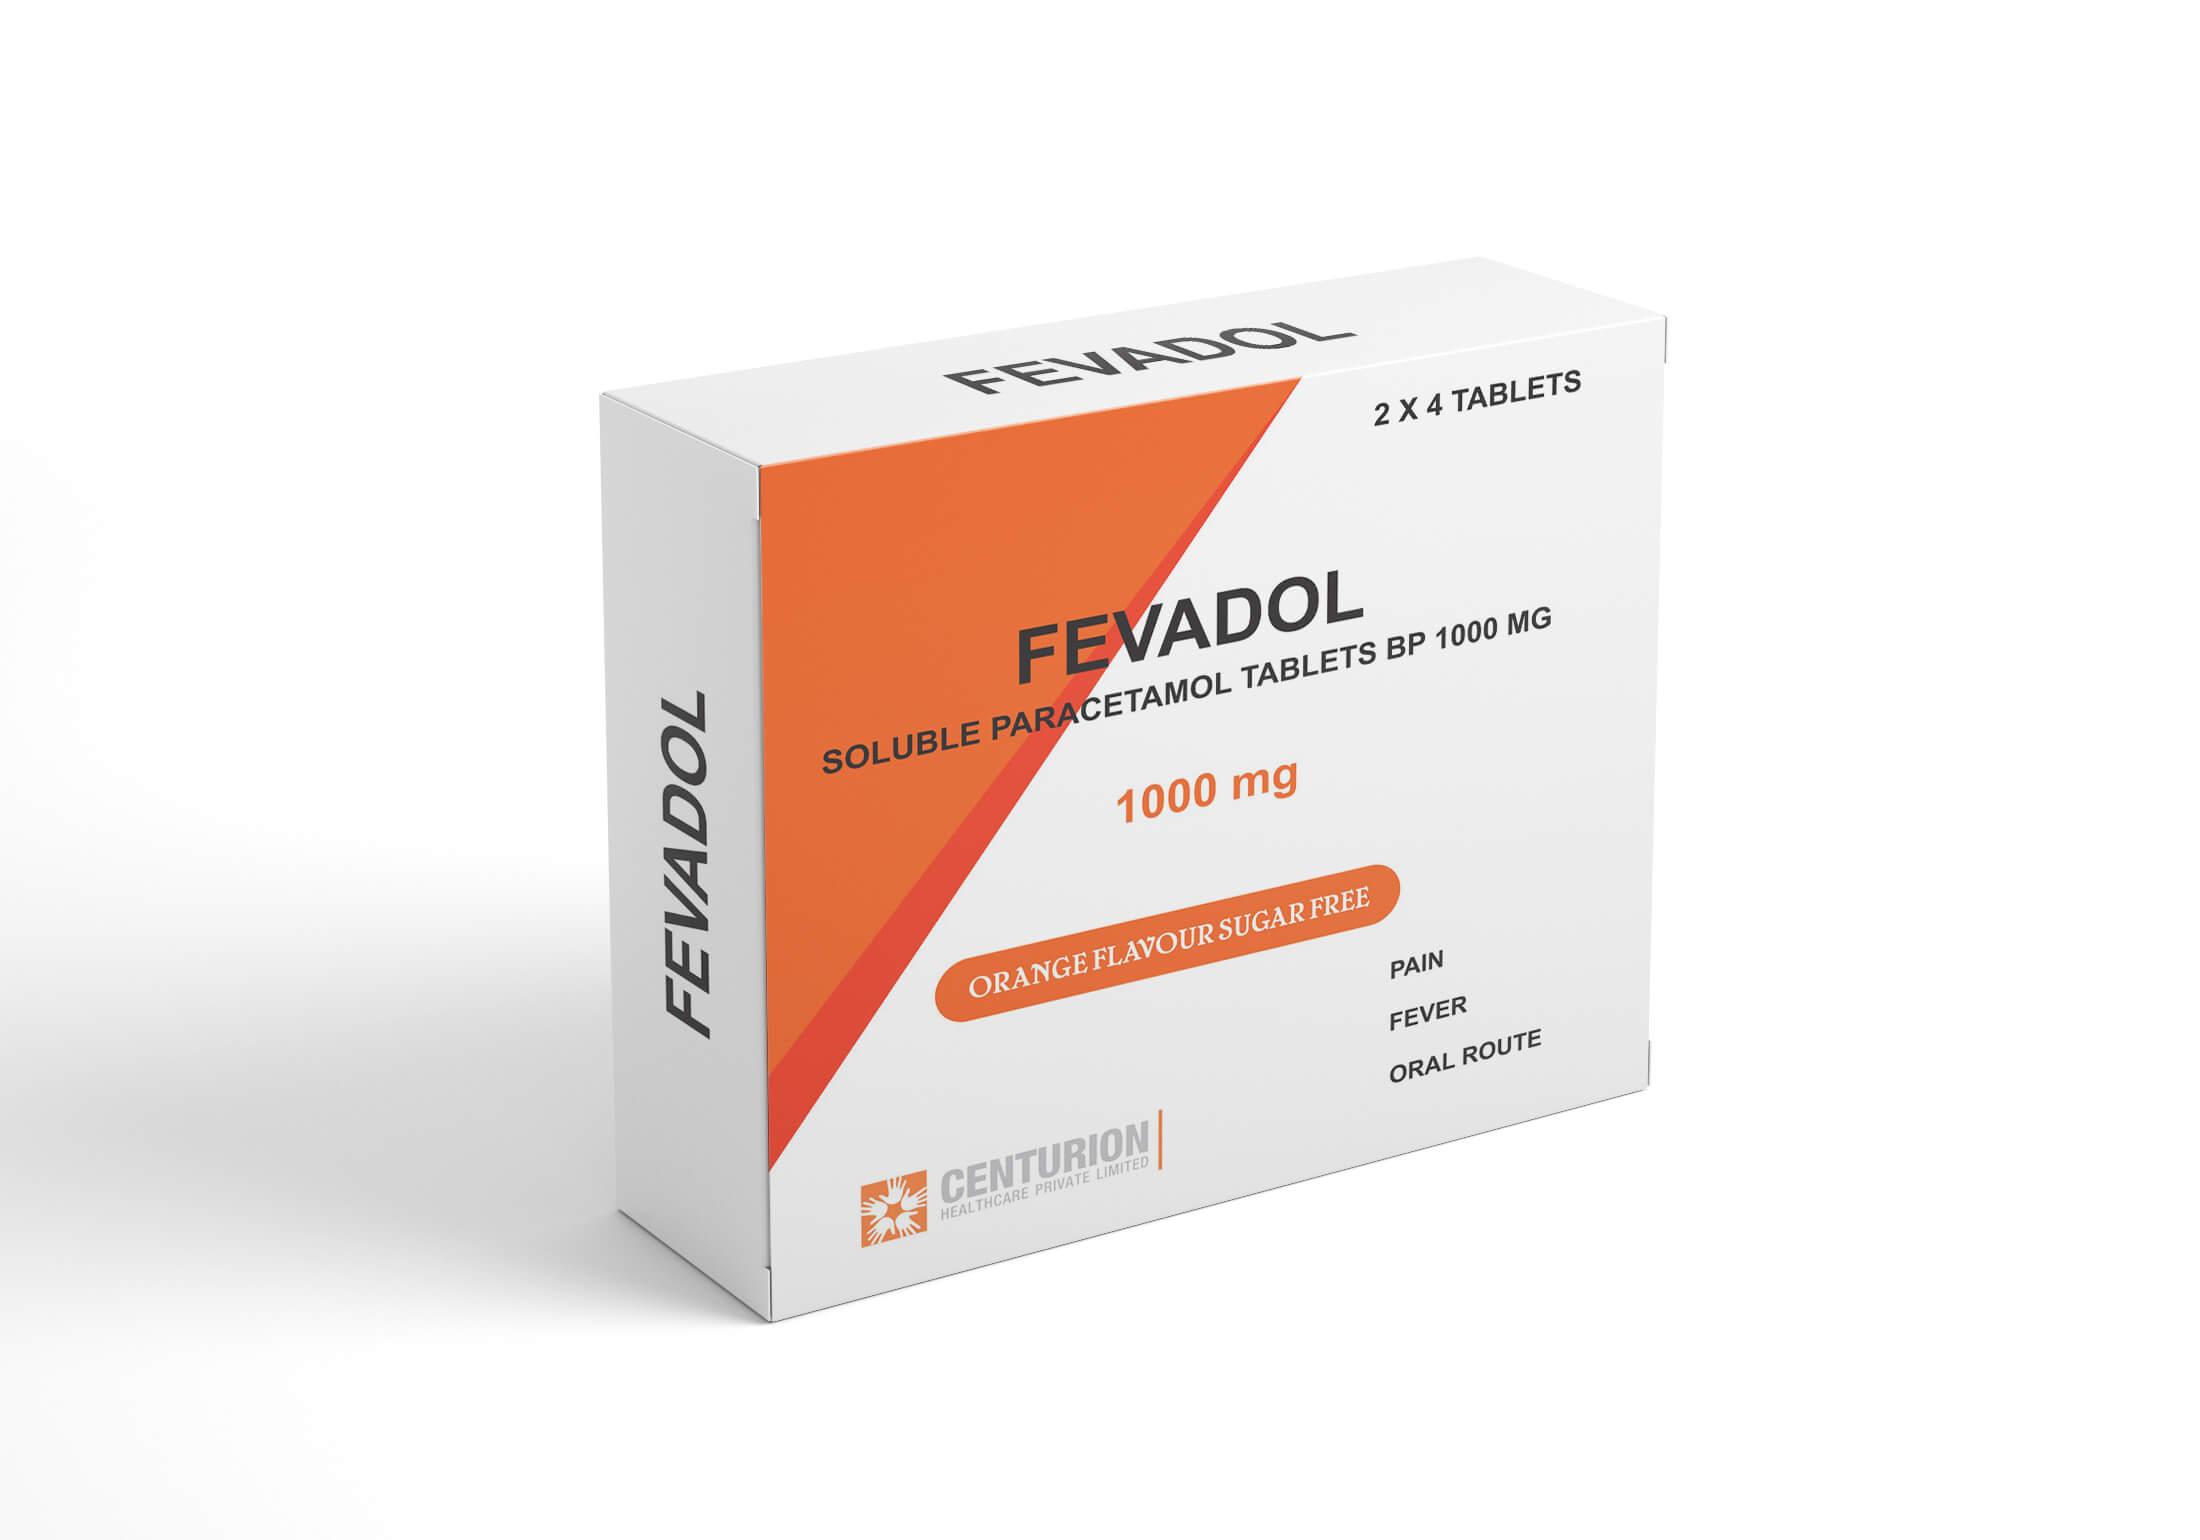 Fevadol 1000mg Tablets